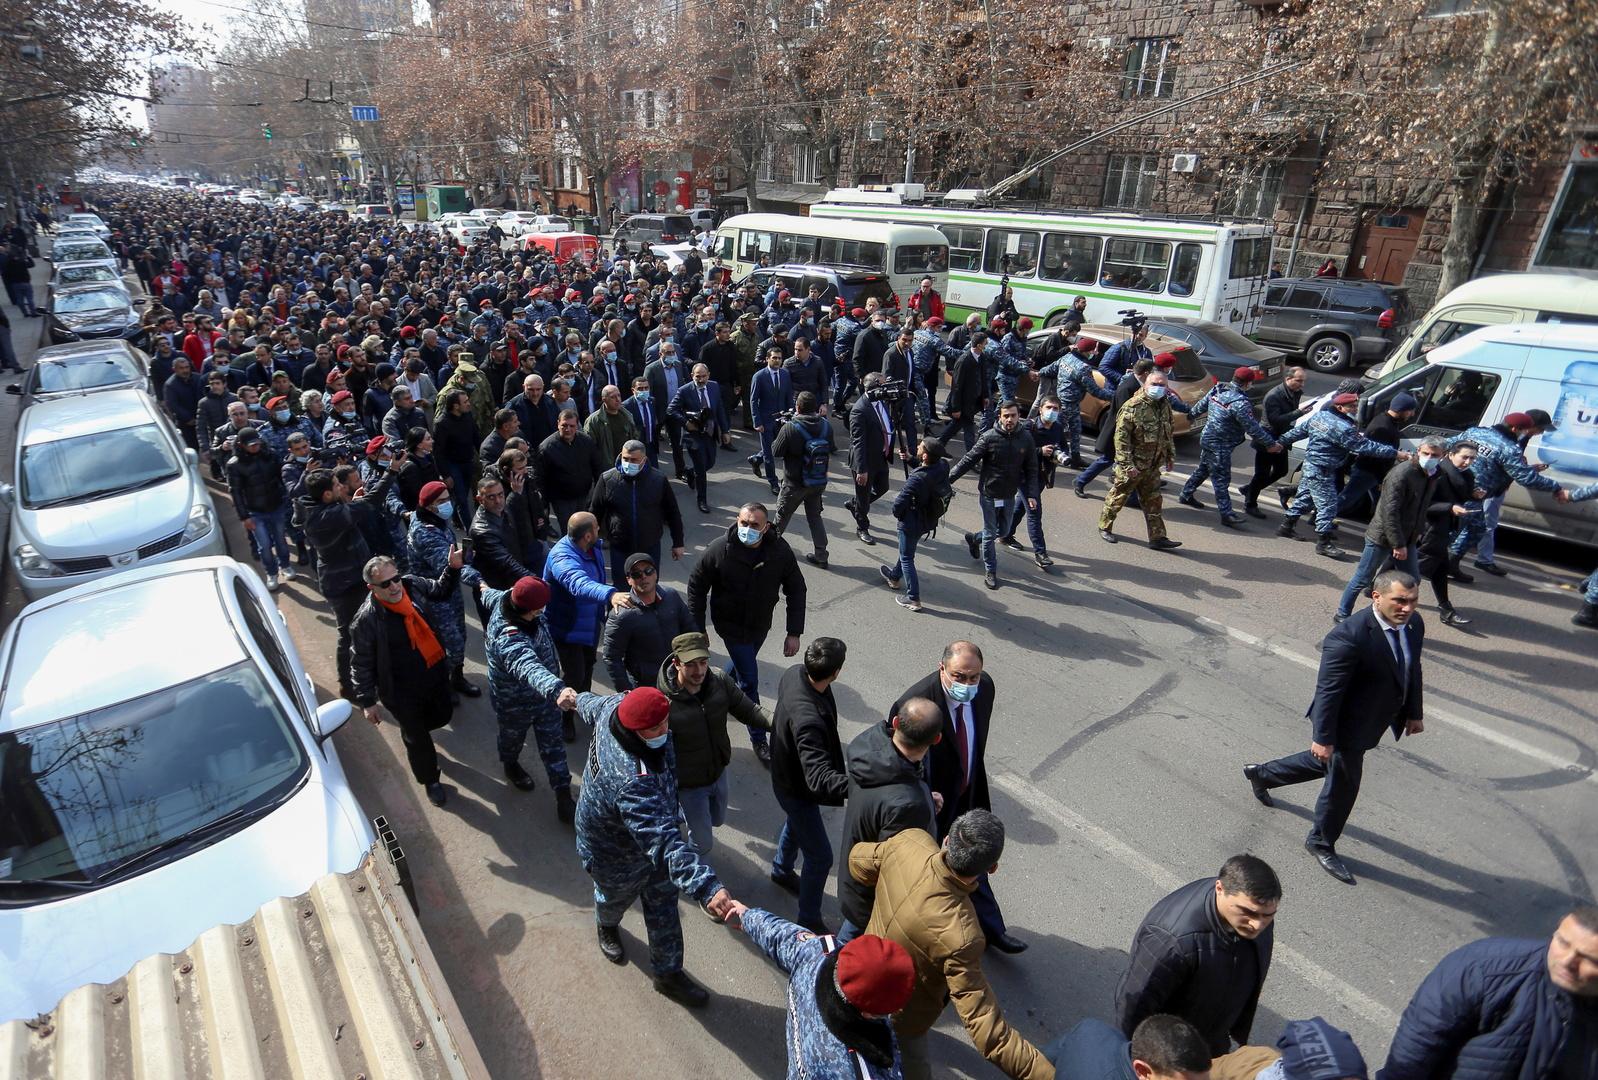 نيكول باشثينيان يترأس مظاهرة لمؤيديه - يريفان